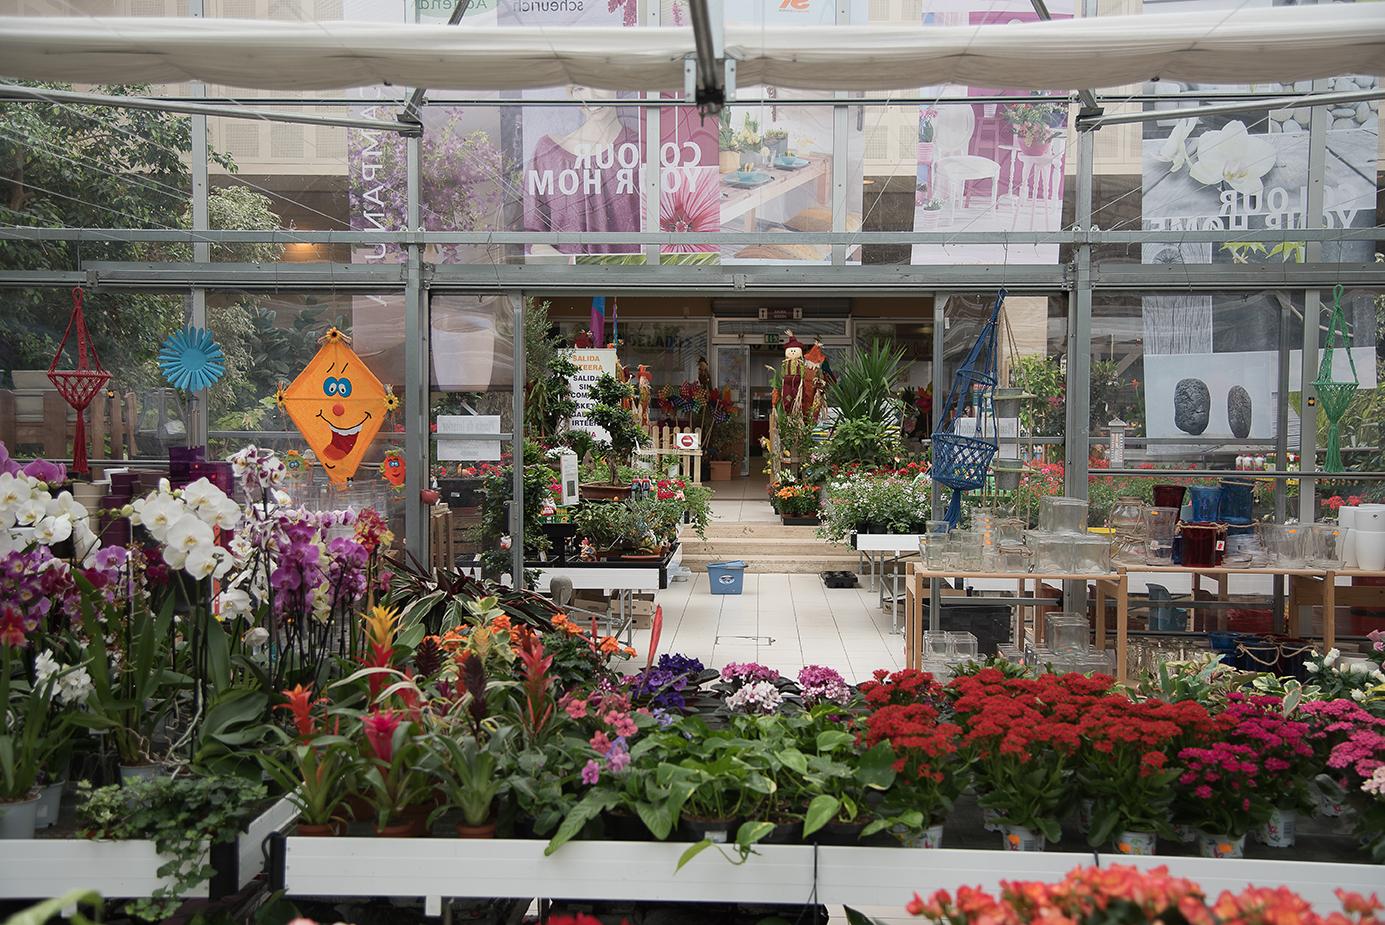 Centro de jardiner a gorbeia for Centro de jardineria